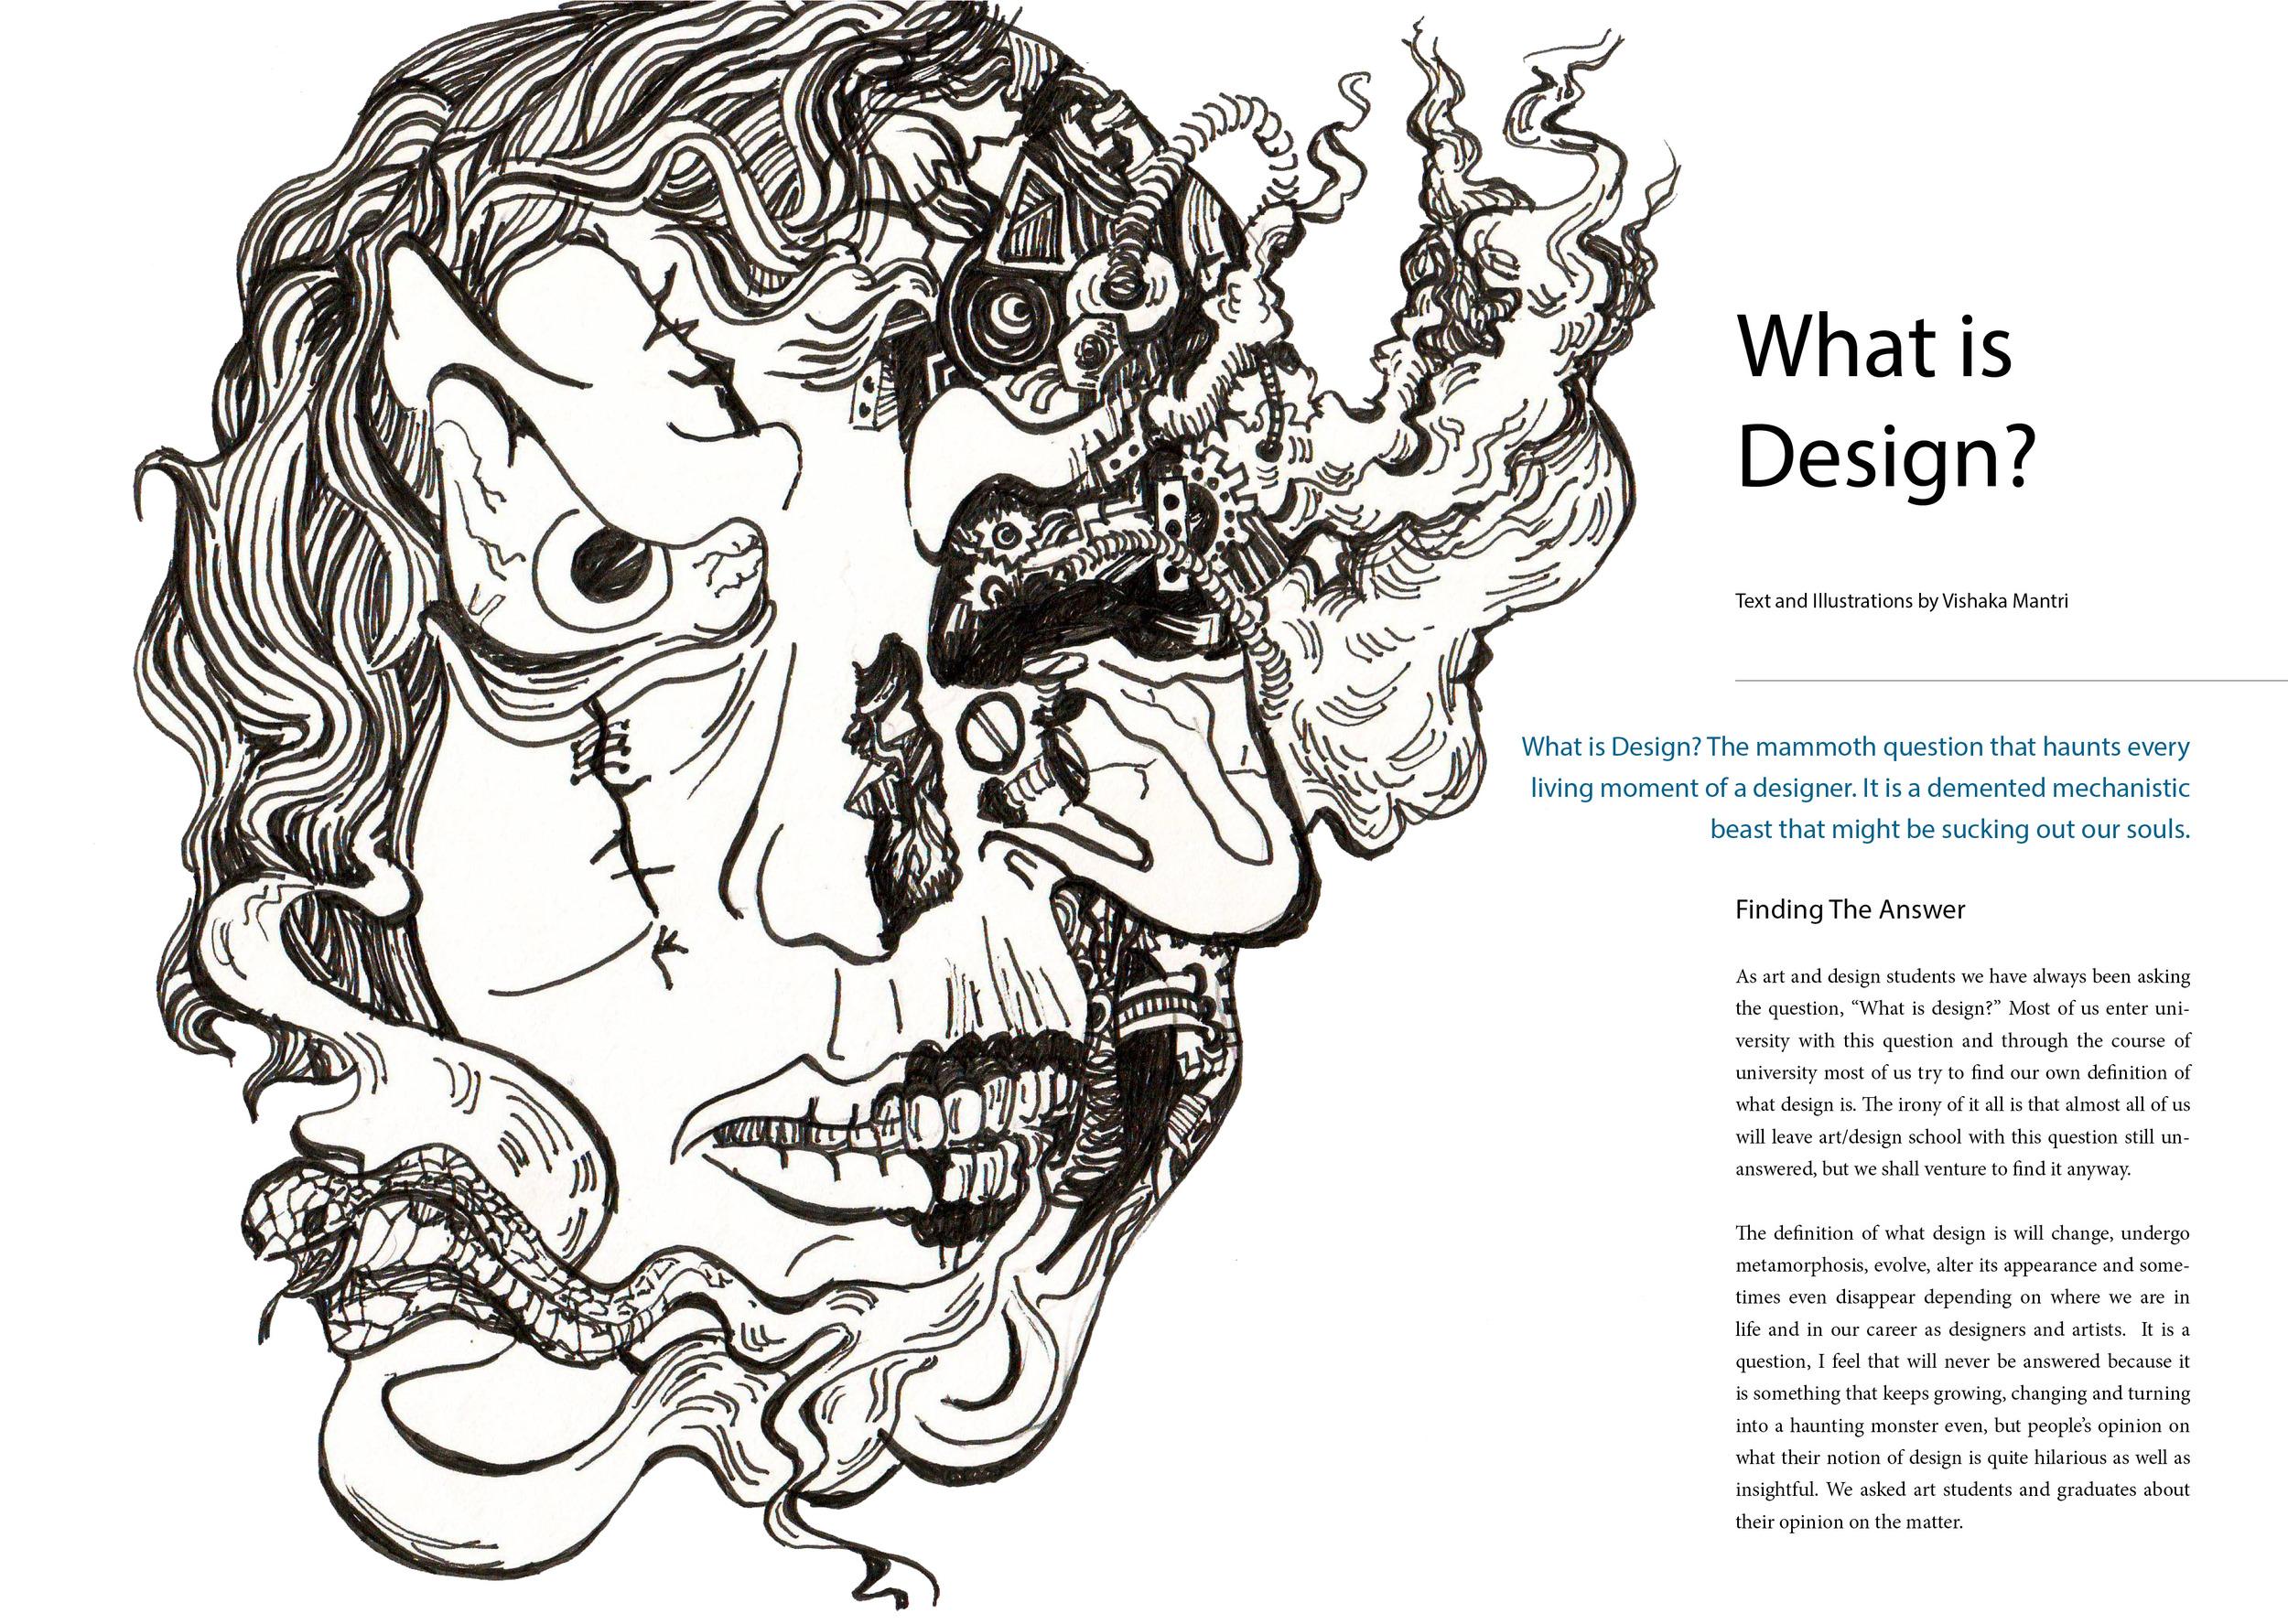 What is Design - Vishaka -012.jpg